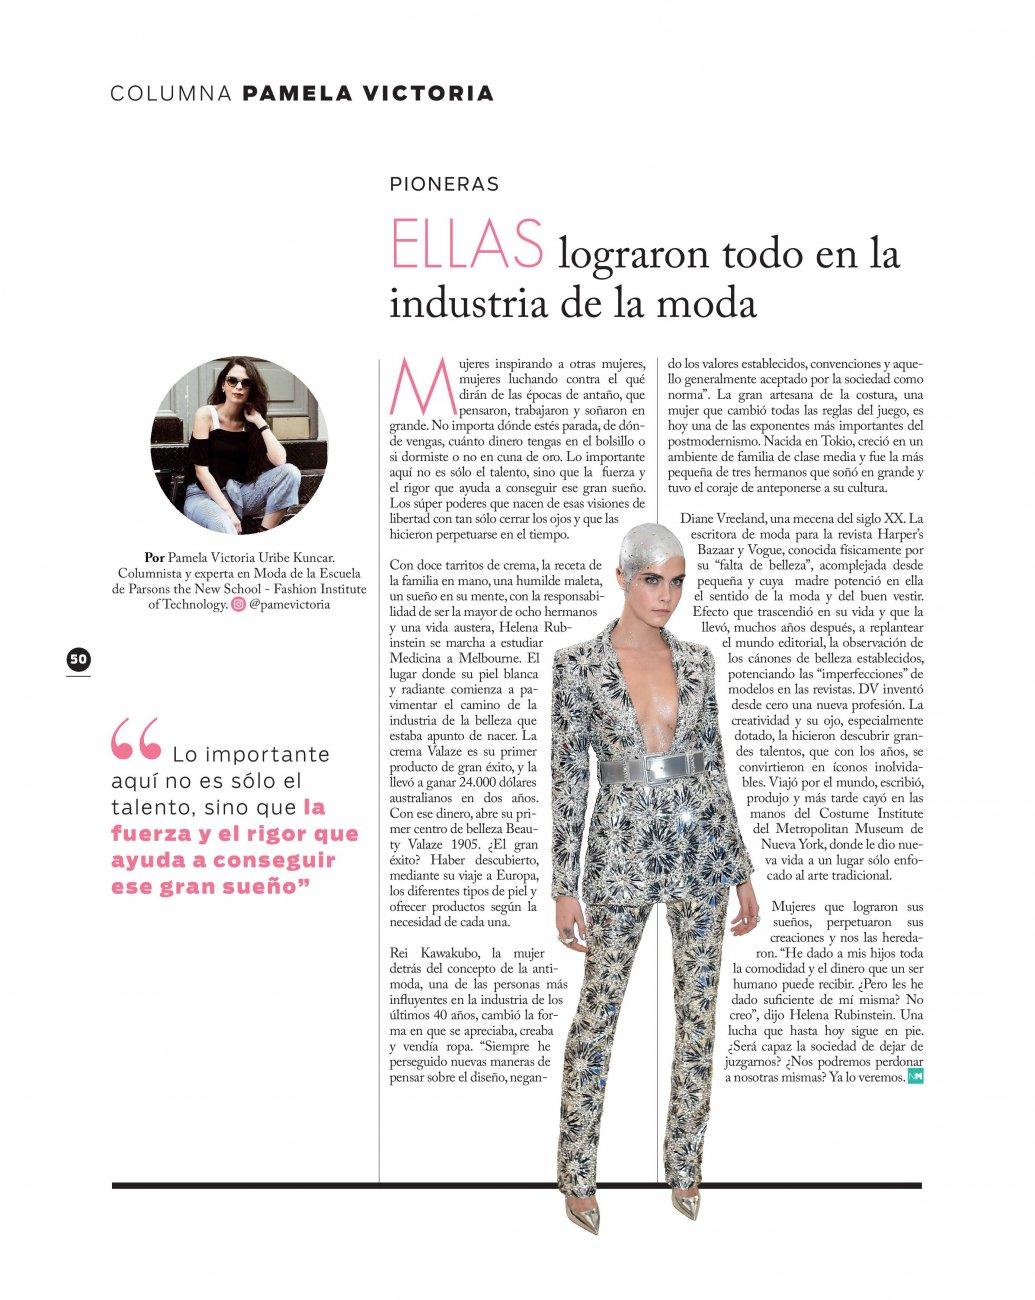 Nueva mujer - columnista de moda en chile - columnista de moda experta en moda en chile